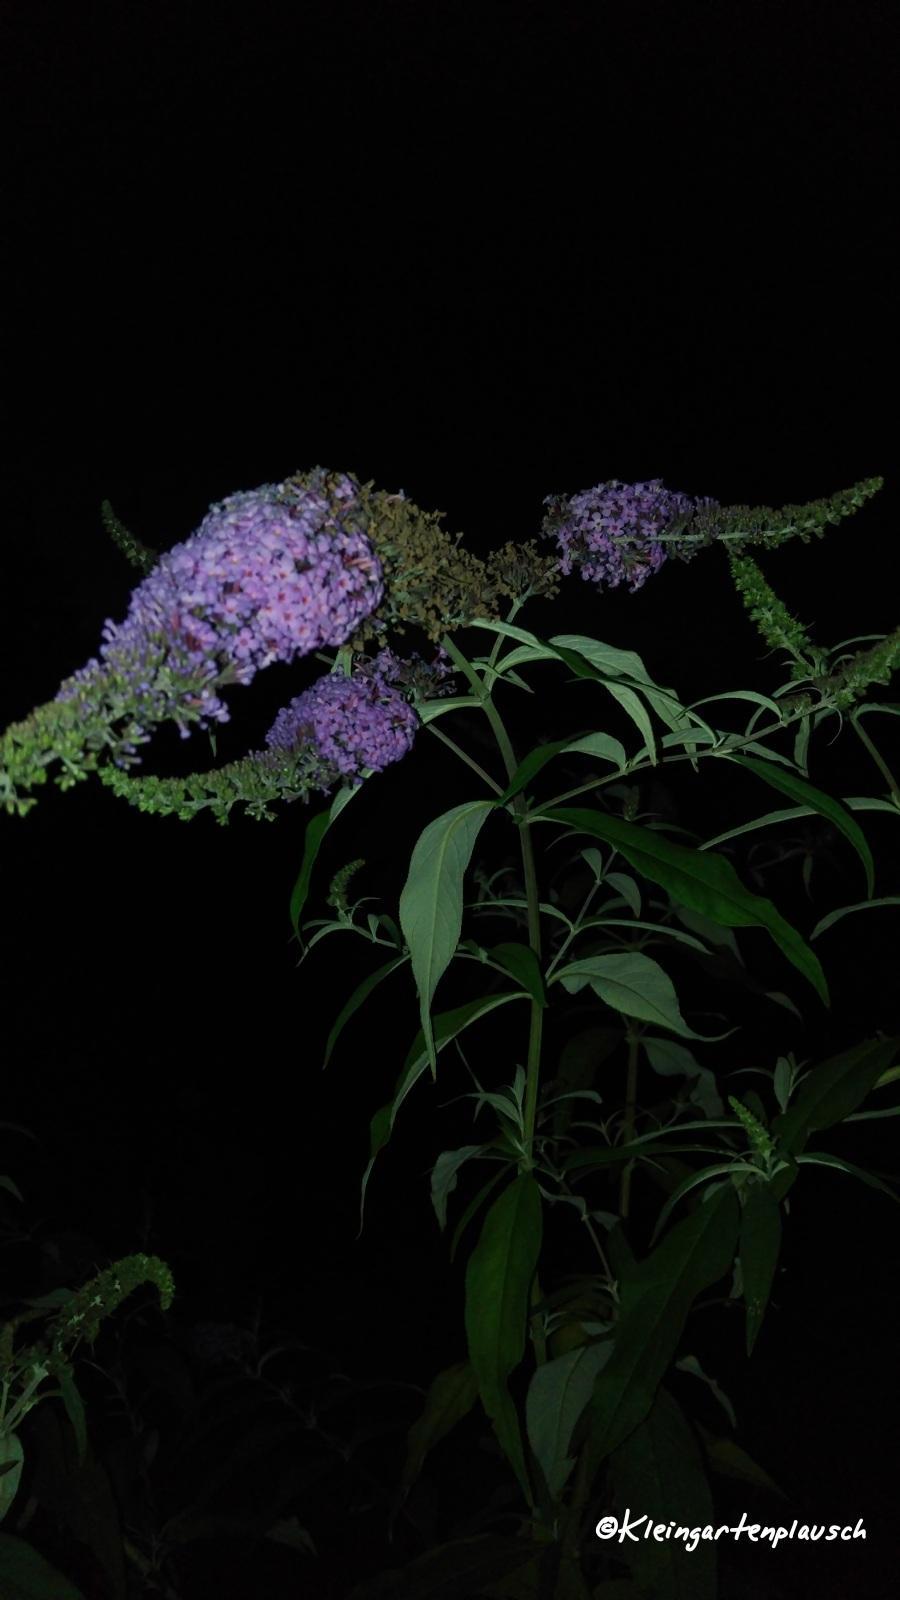 Die alte Buddleja - quasi Wahrzeichen des Schmetterlingsgartens - finde ich auch noch blind. Leider konnte ich keinen ablichten, aber sie war umschwirrt von zahllosen Nachtfaltern...